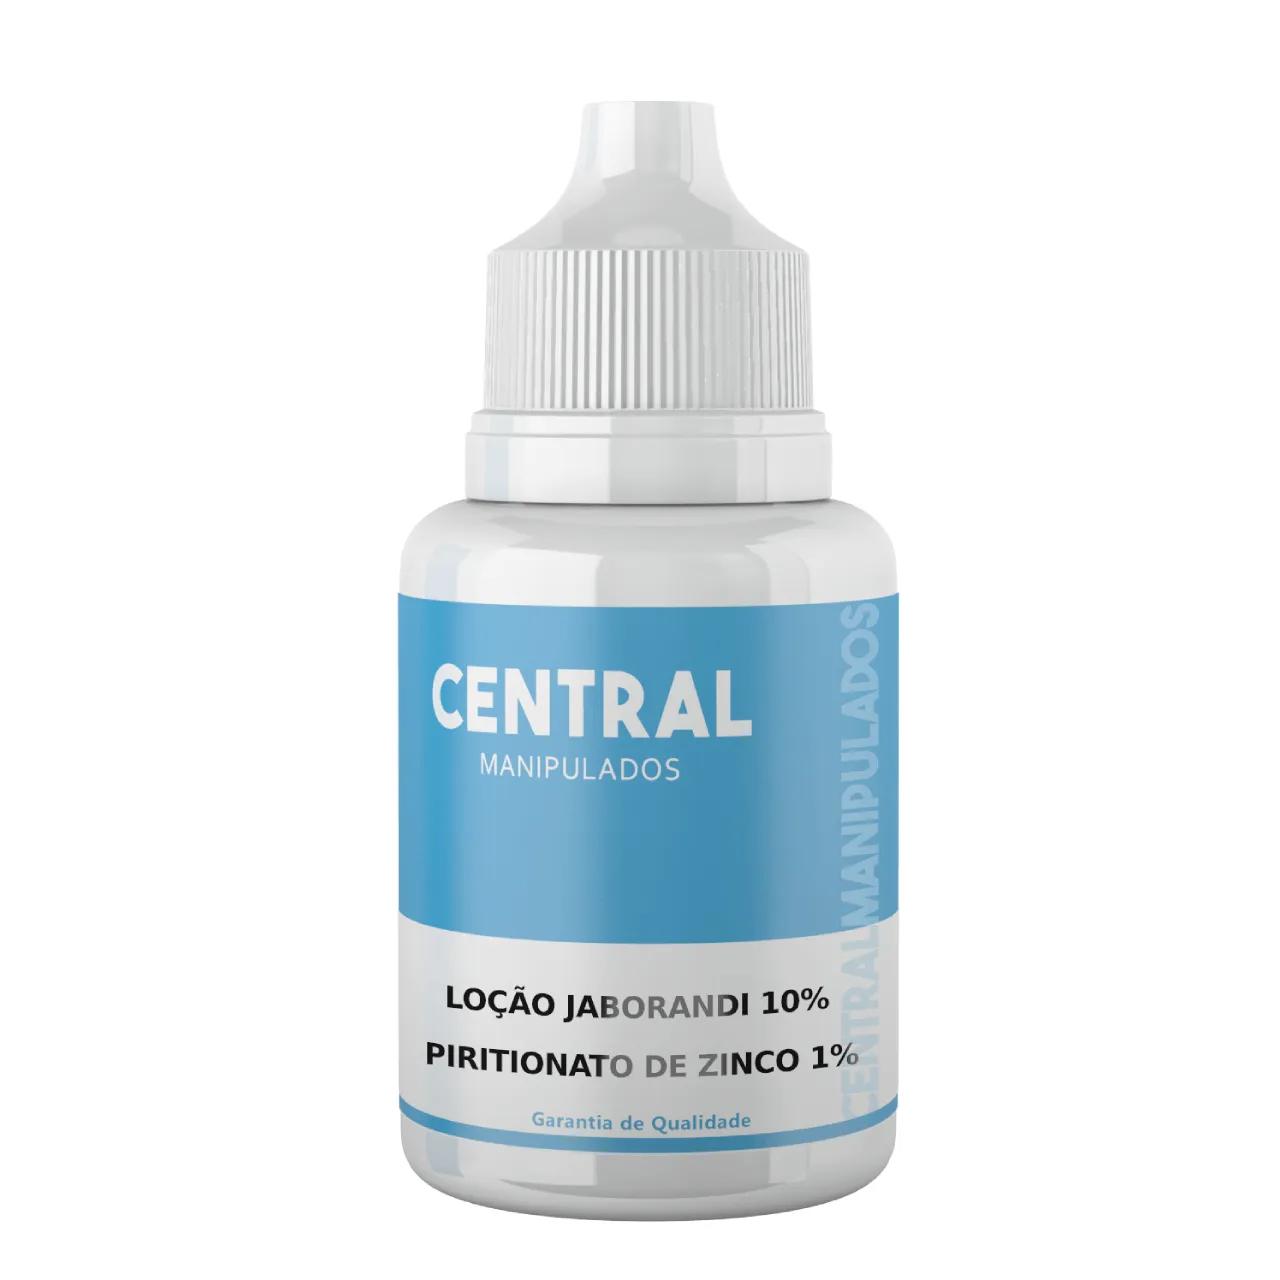 Loção Capilar Jaborandi 10% + Piritionato de Zinco 1% 100ml - Combate à queda capilar, Estimula o crescimento, Anticaspa,  Controle da Oleosidade